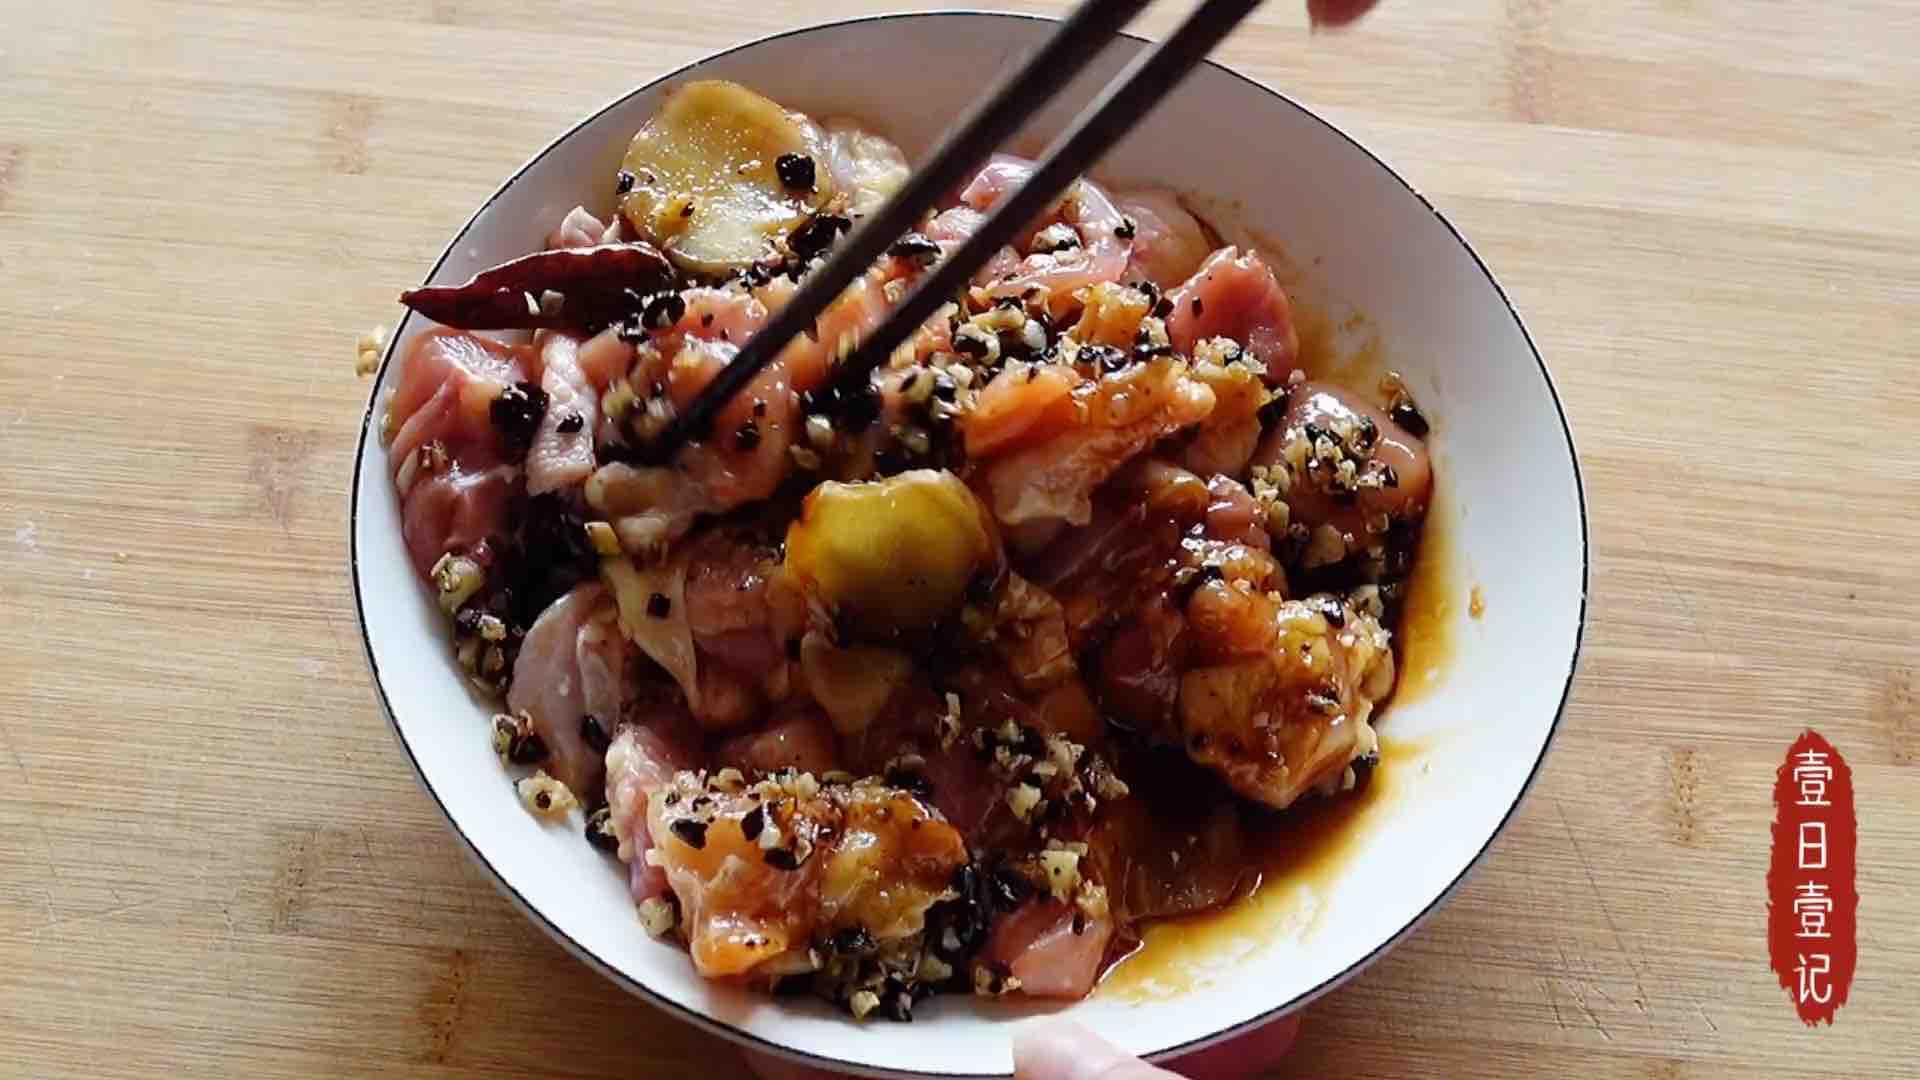 炒菜吃腻了,那就来道豆豉蒸滑鸡吧,简单快手营养不流失的做法